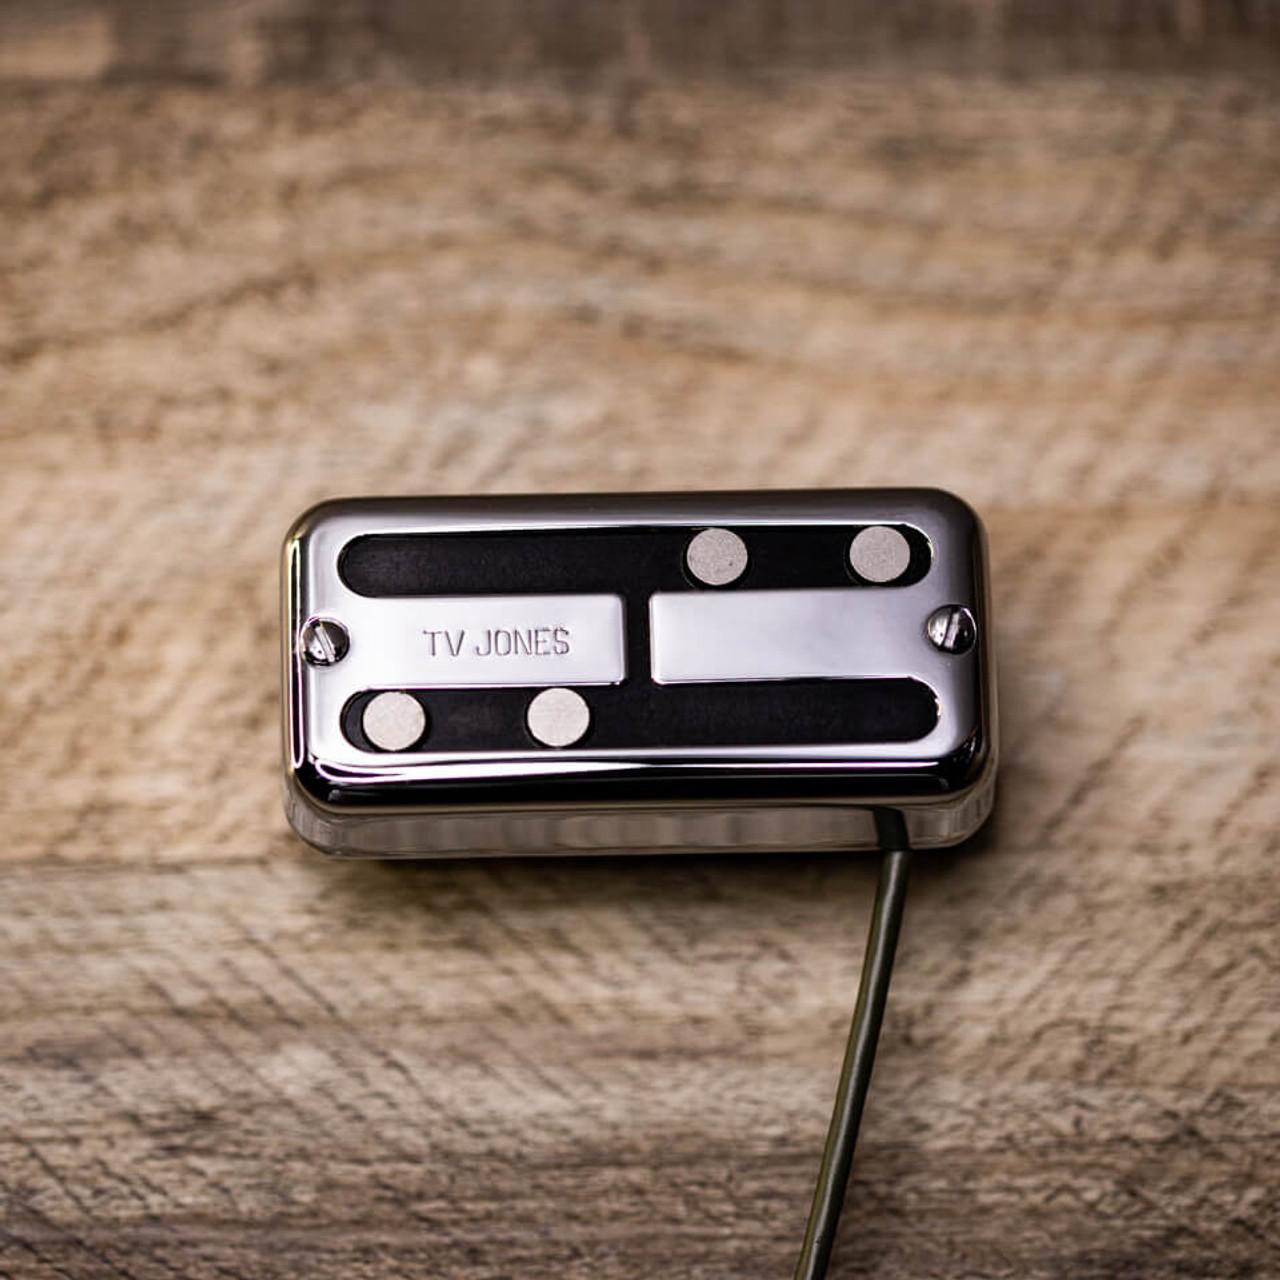 Instrument Accessories Pickups & Pickup Covers TV Jones ...